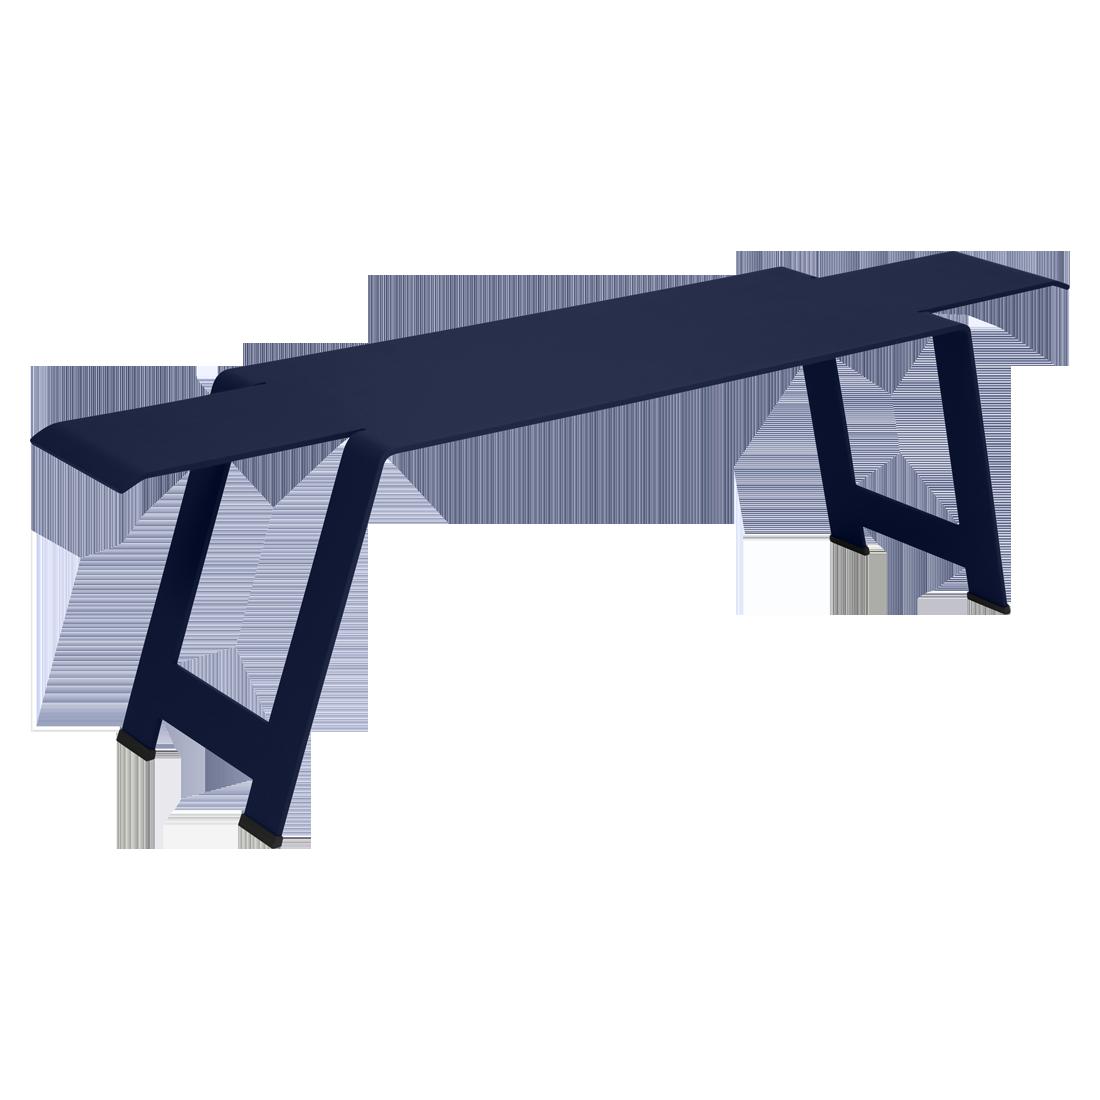 banc de jardin, banc metal, banc terrasse, banc metal bleu